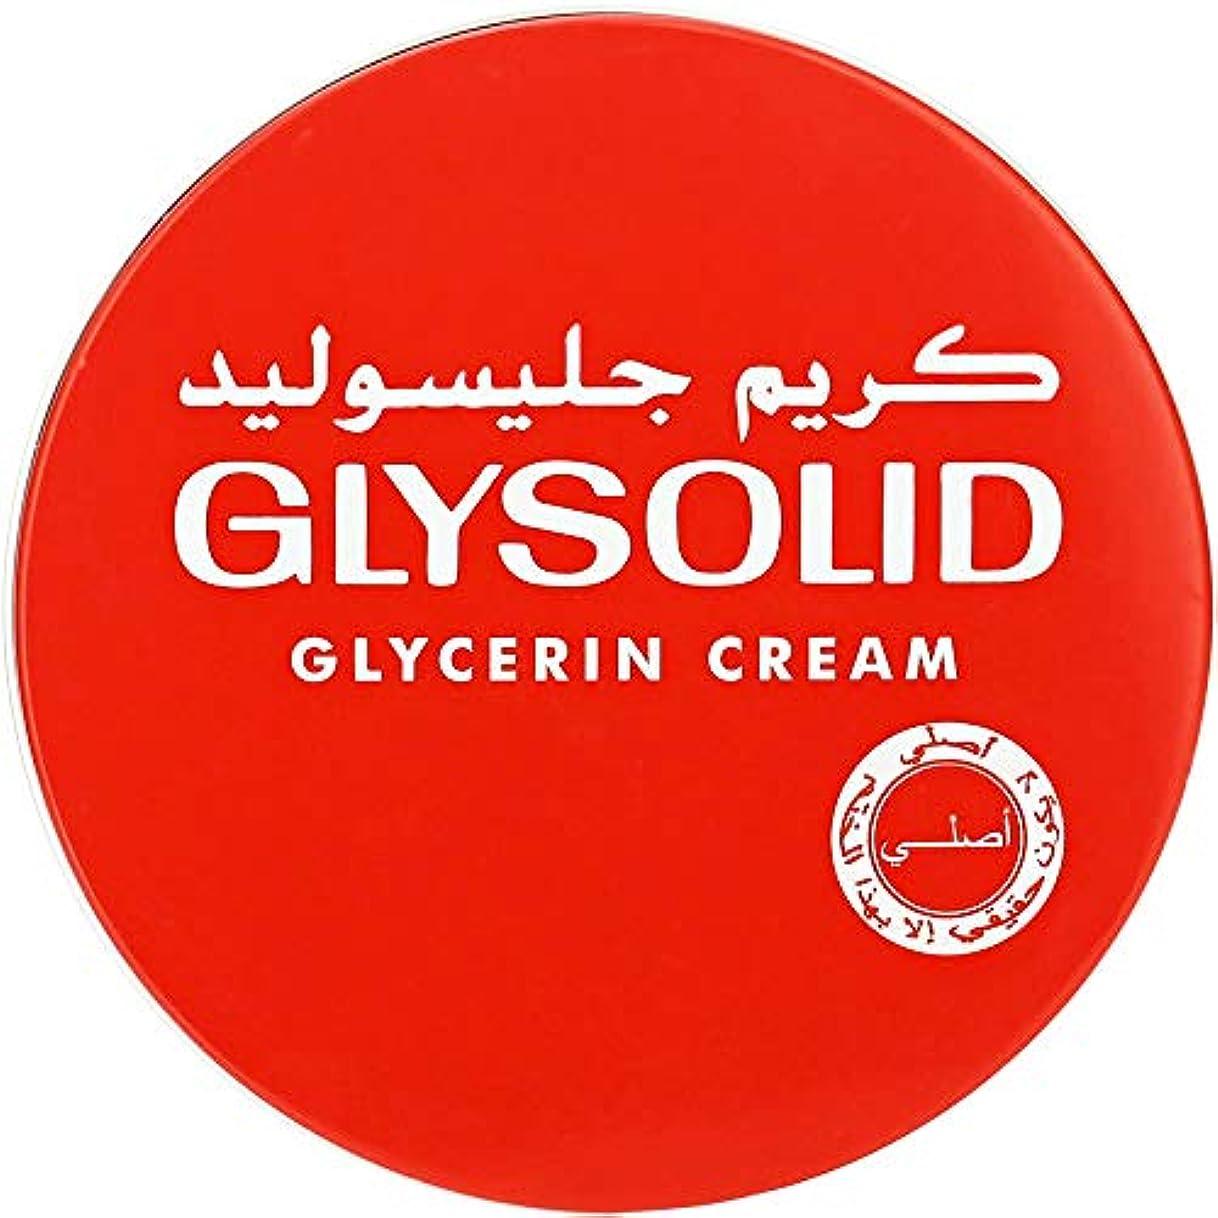 発信魅惑する直感Glysolid Cream Face Moisturizers For Dry Skin Hands Feet Elbow Body Softening With Glycerin Keeping Your Skin...